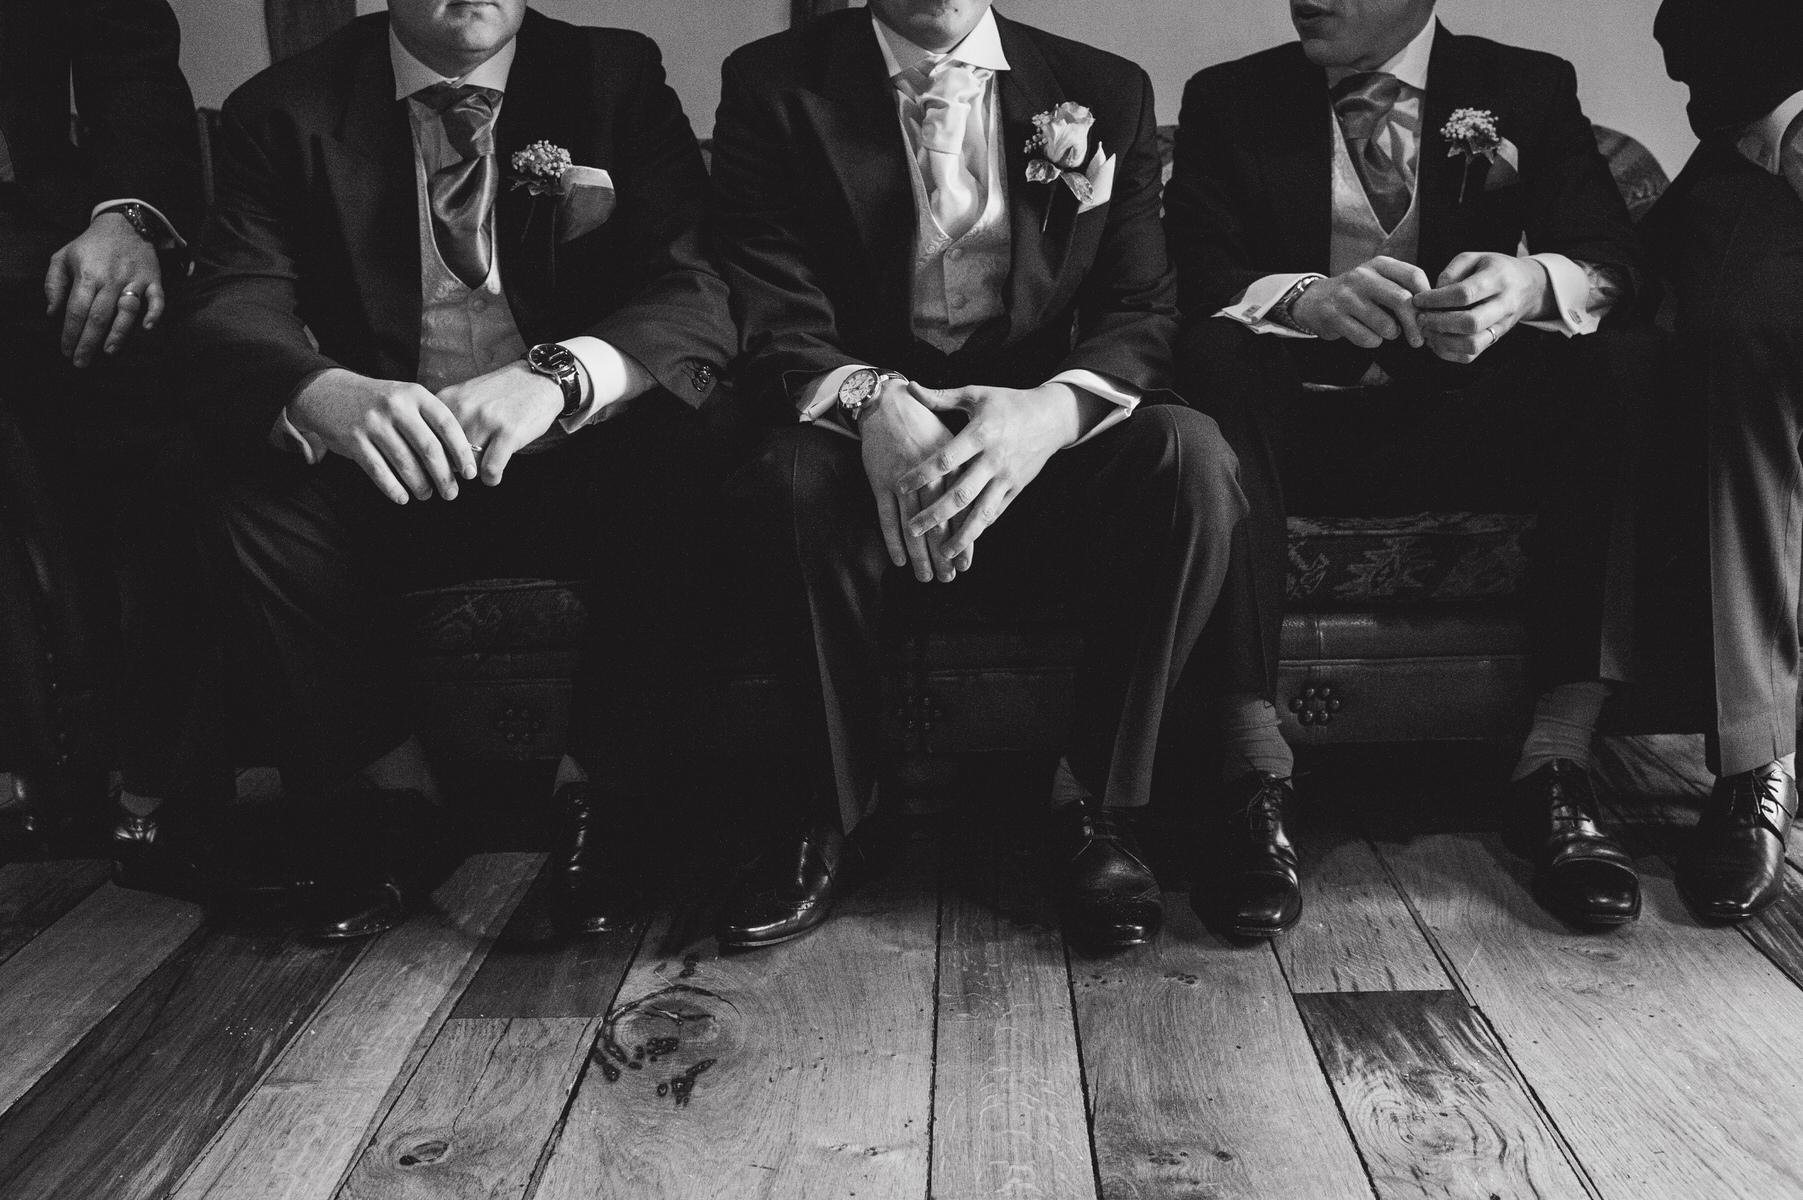 Cain Manor groom's hands